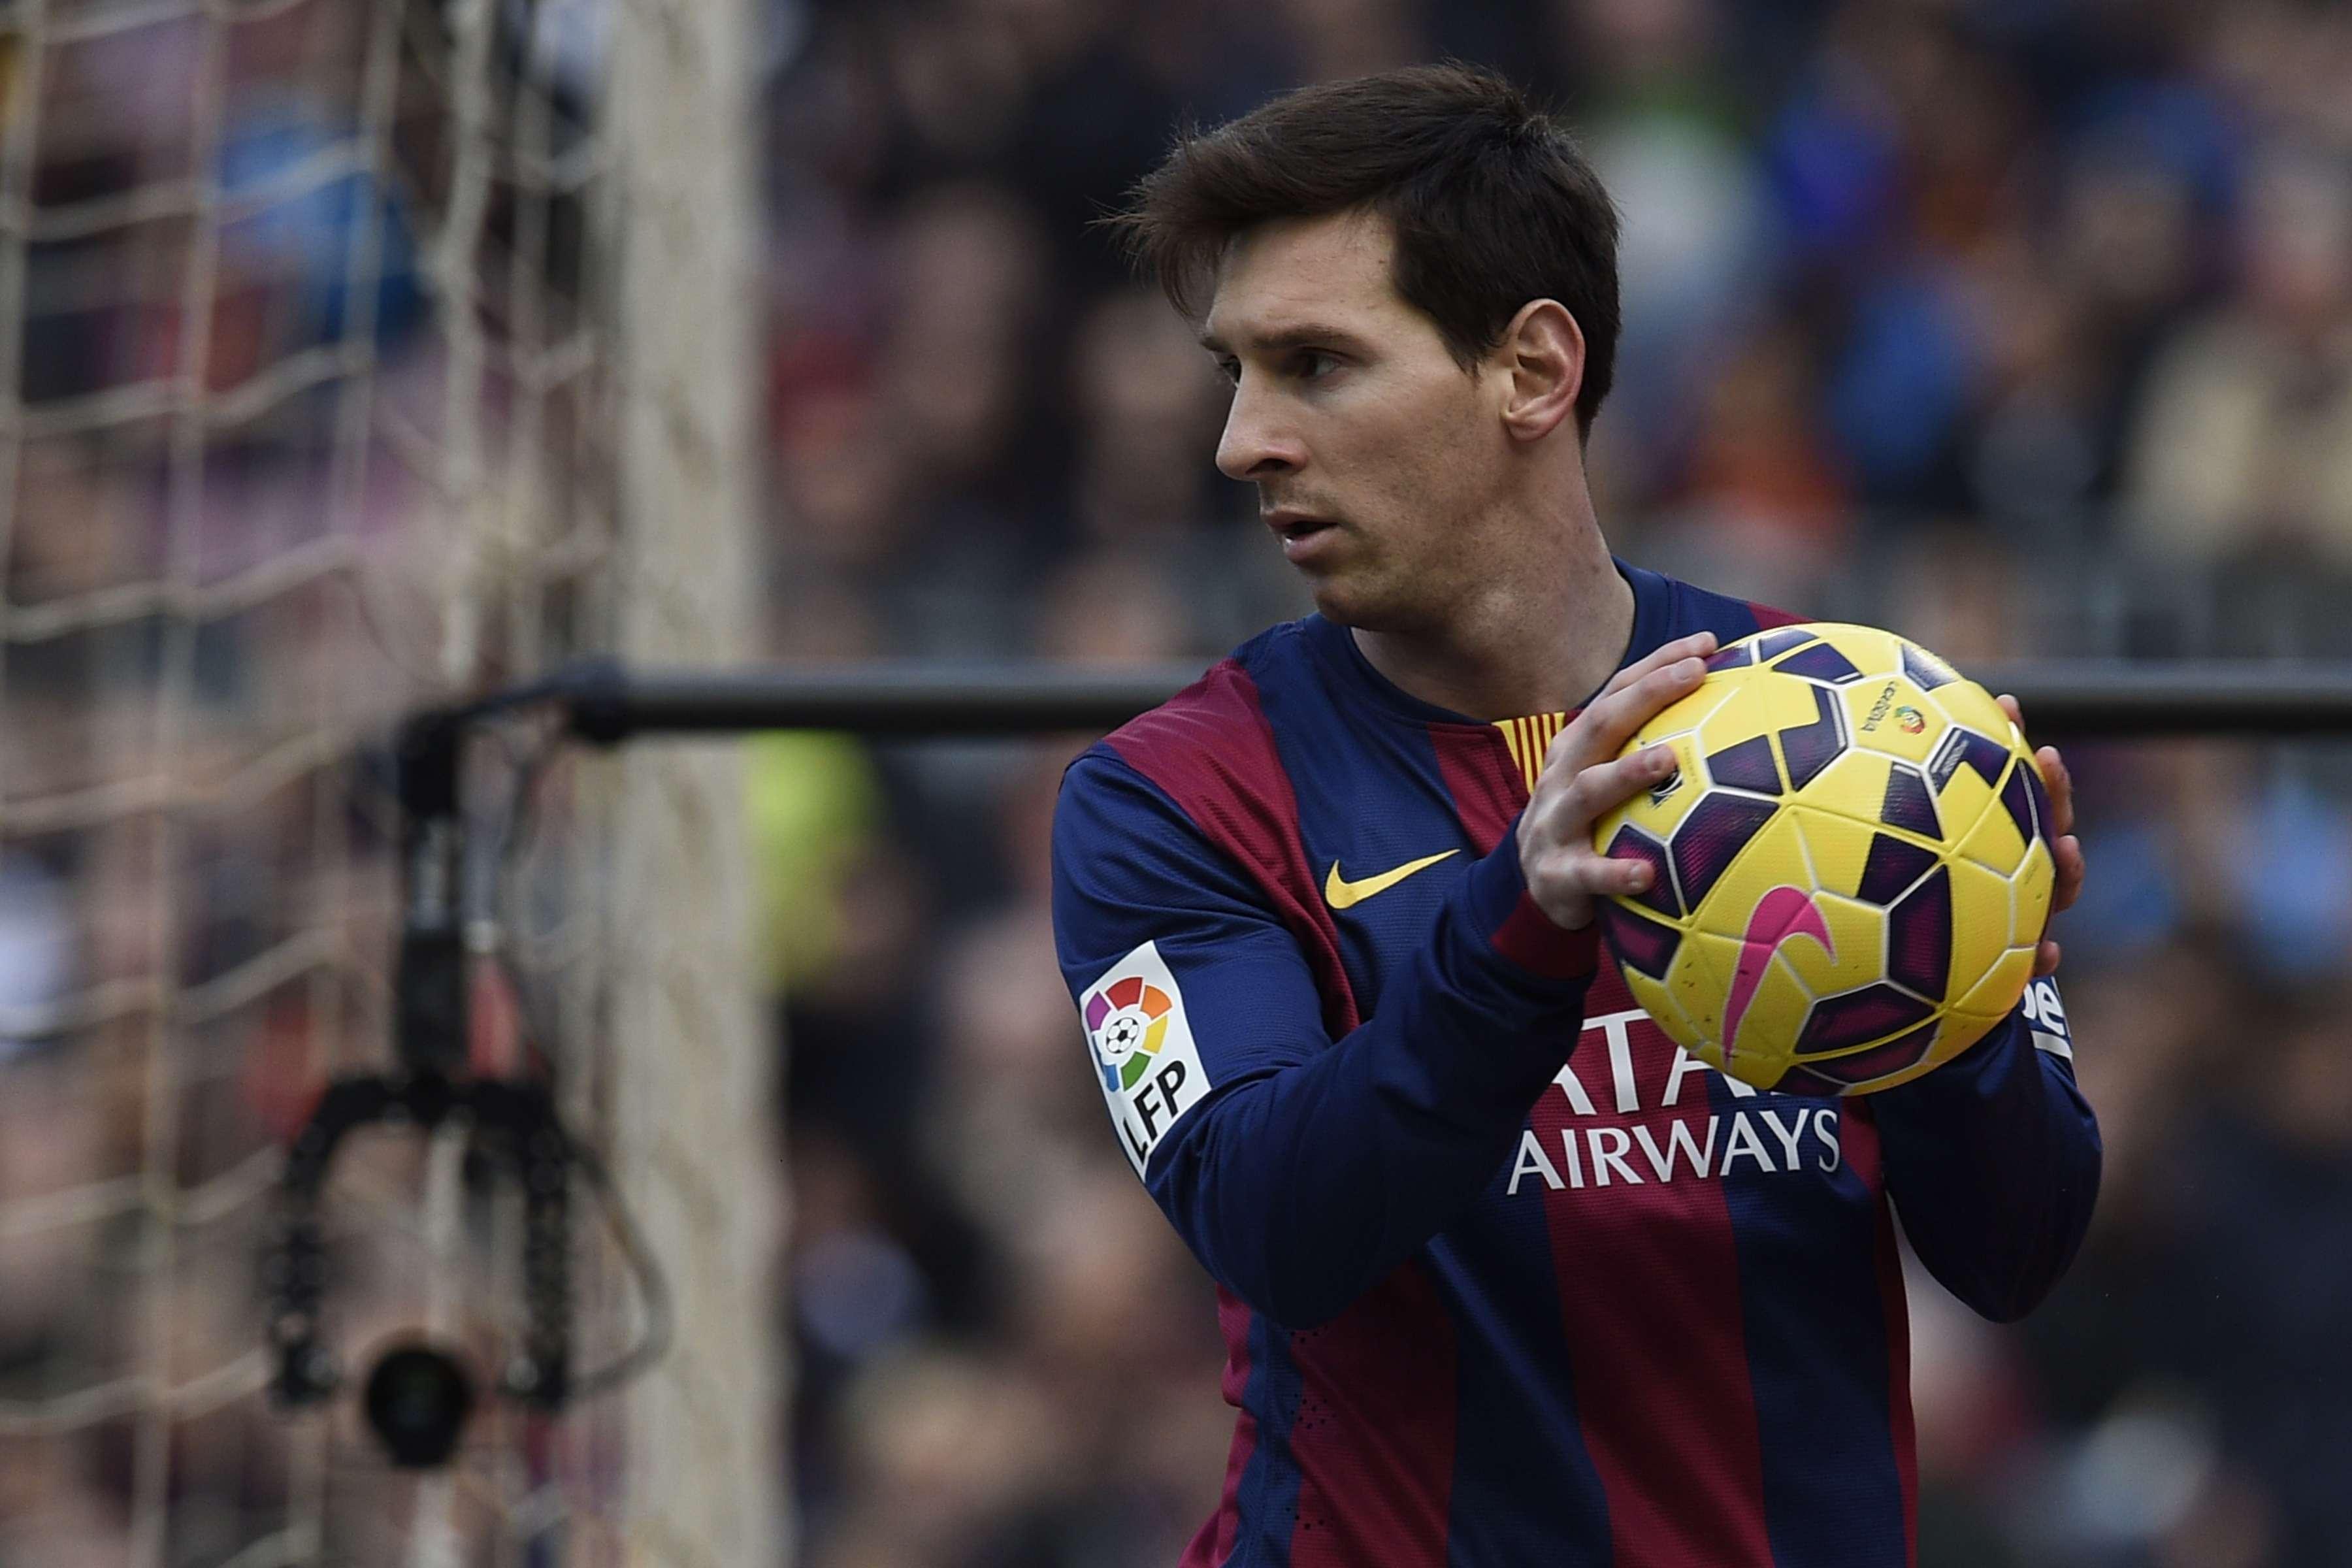 Lionel Messi carrega bola na partida entre Barcelona e Málaga Foto: Lluis Gene/AFP